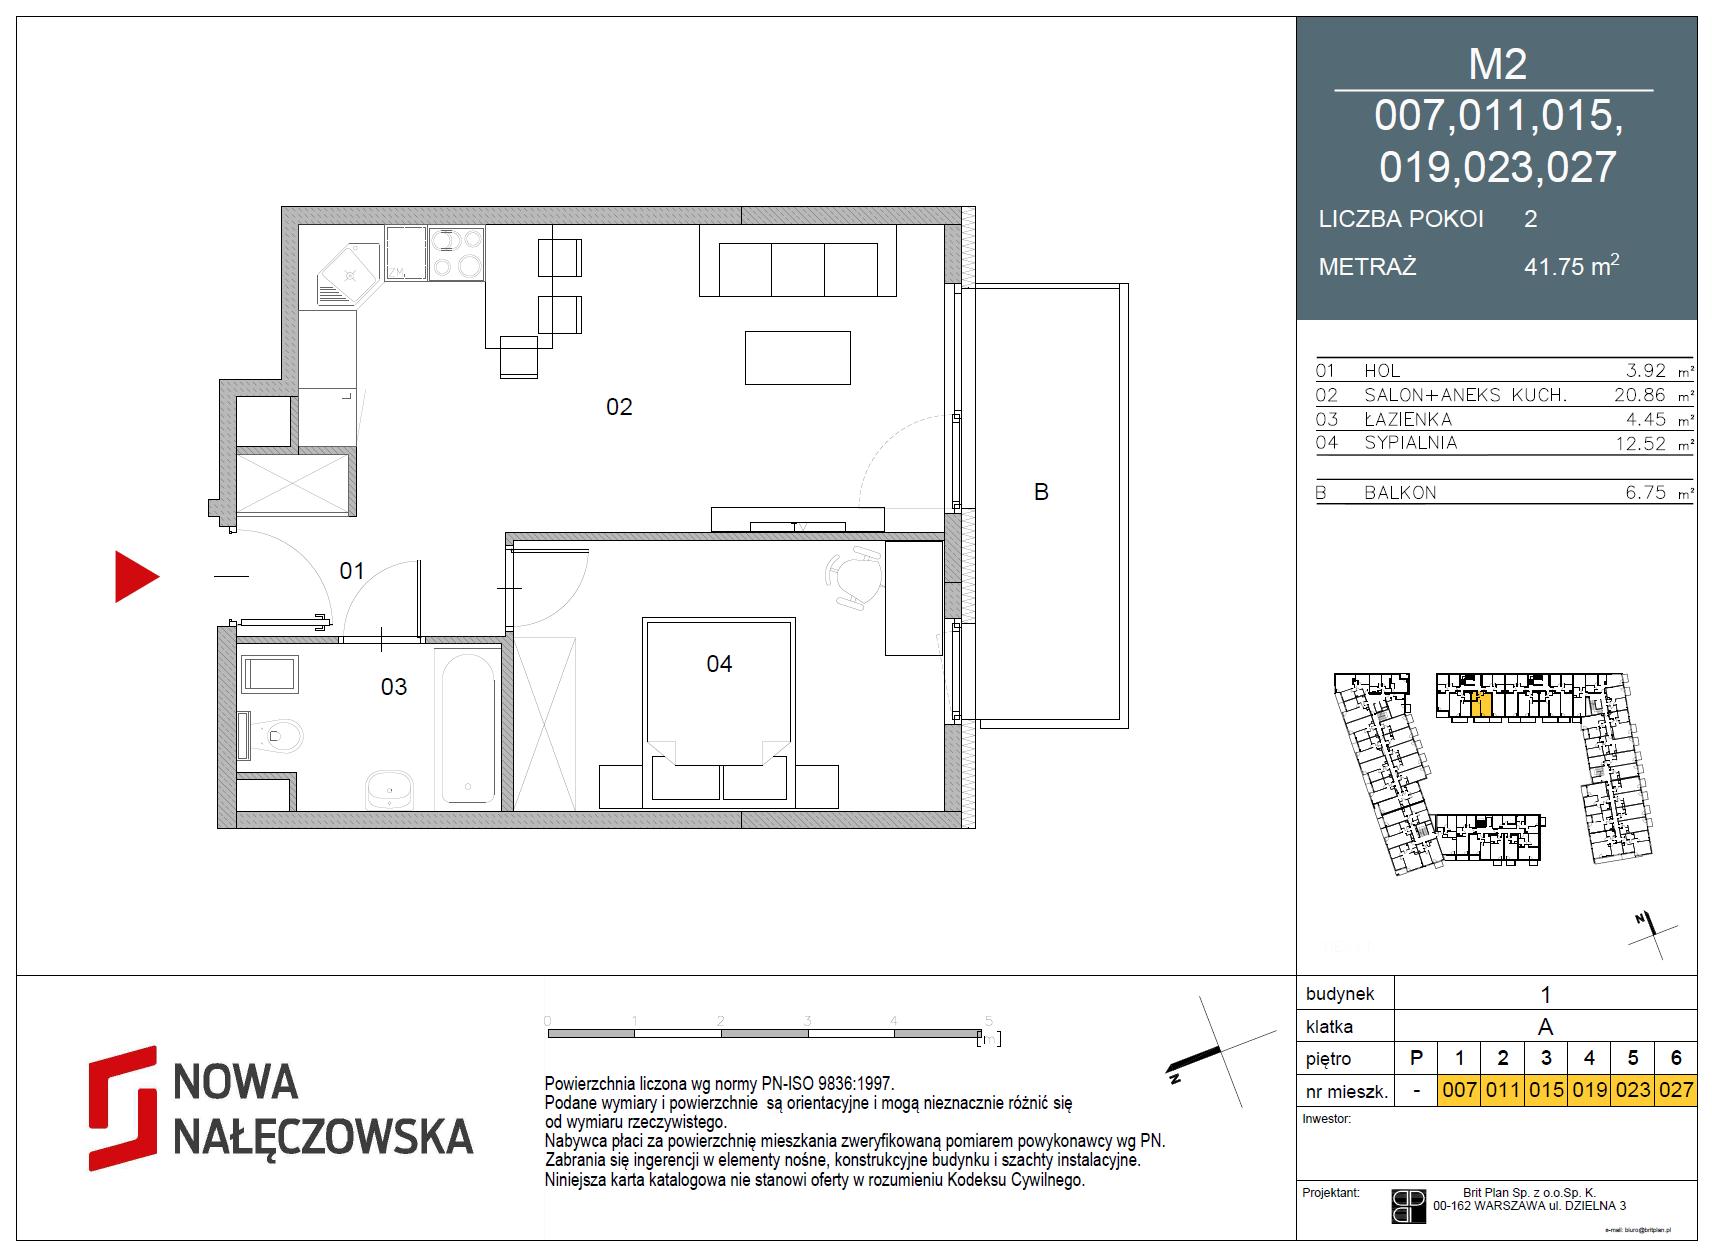 Mieszkanie numer 007